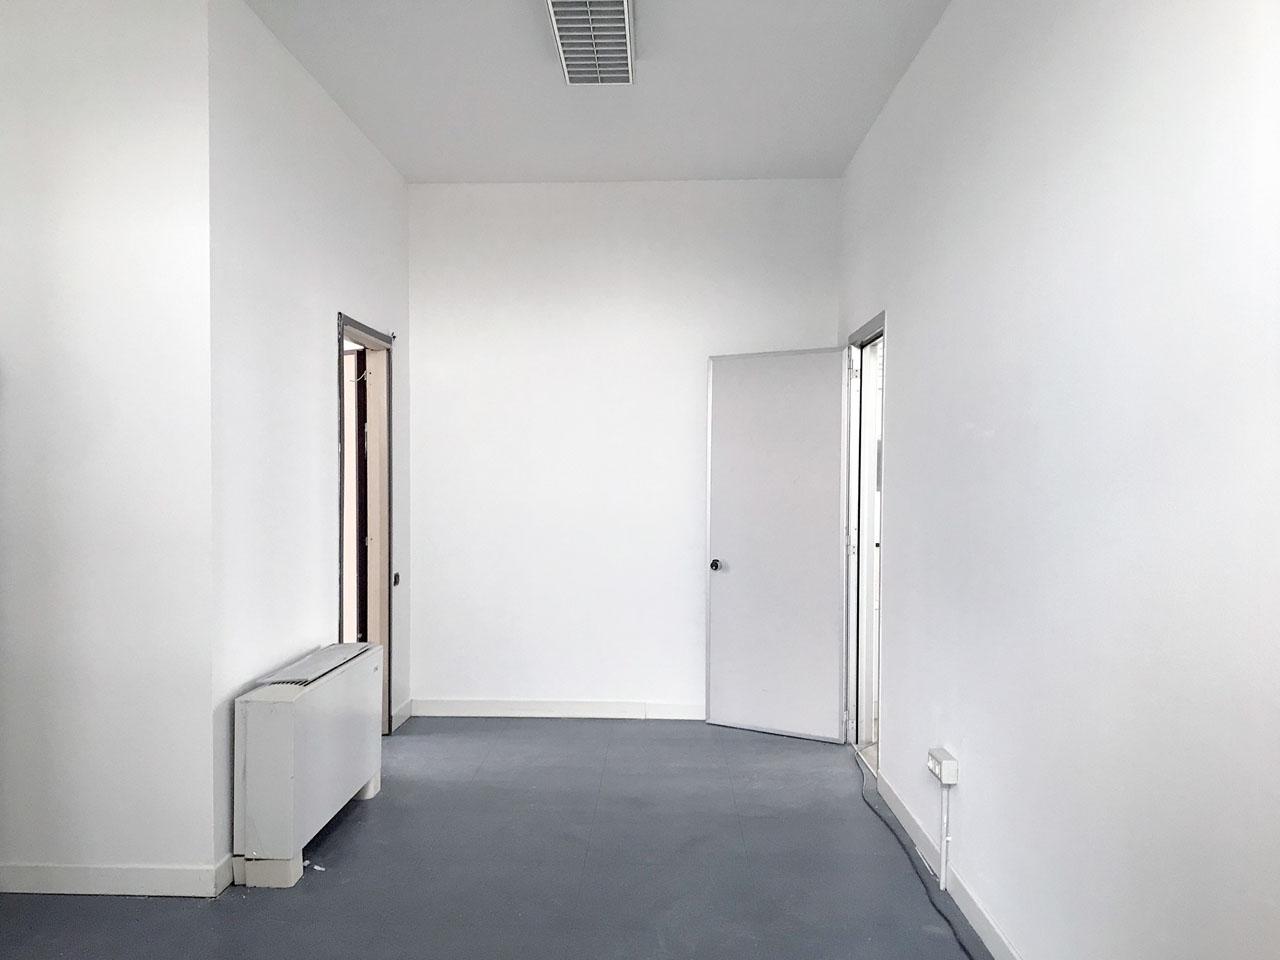 ufficio 430 mq secondo piano - Atlantic Business Center - anticamera bagni montacarichi